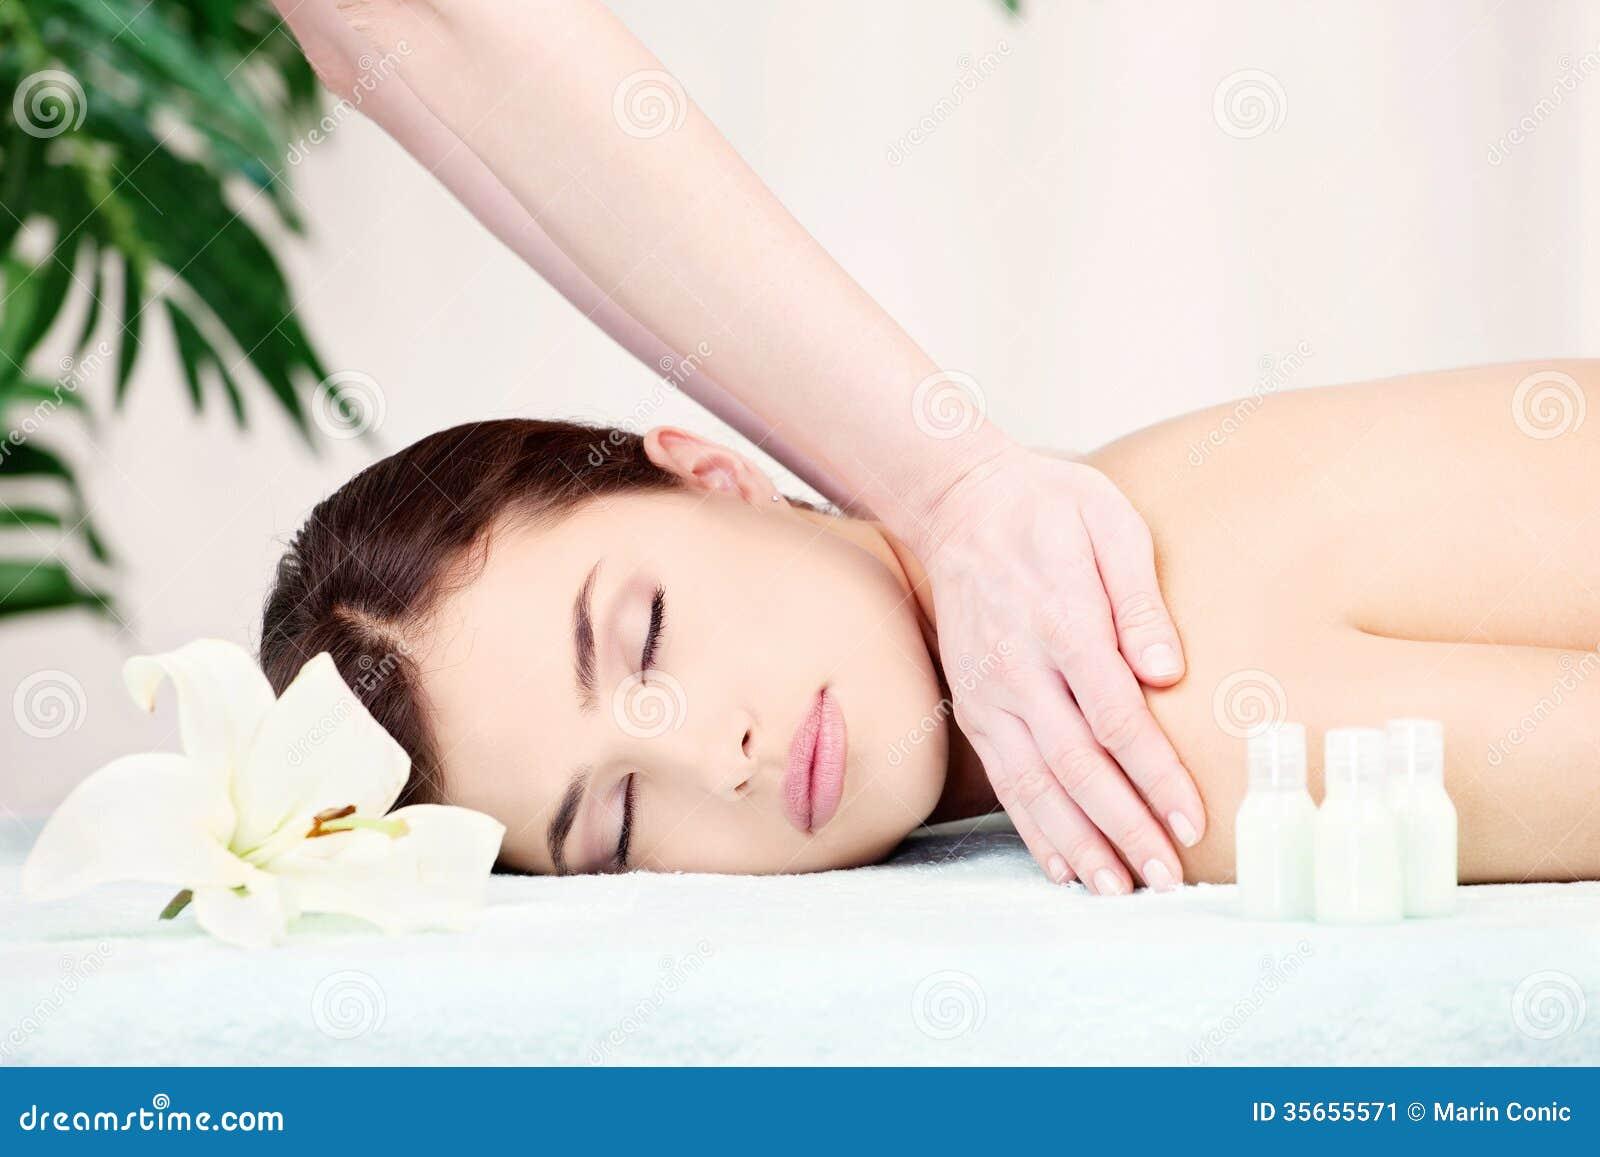 Kobieta na naramiennym masażu